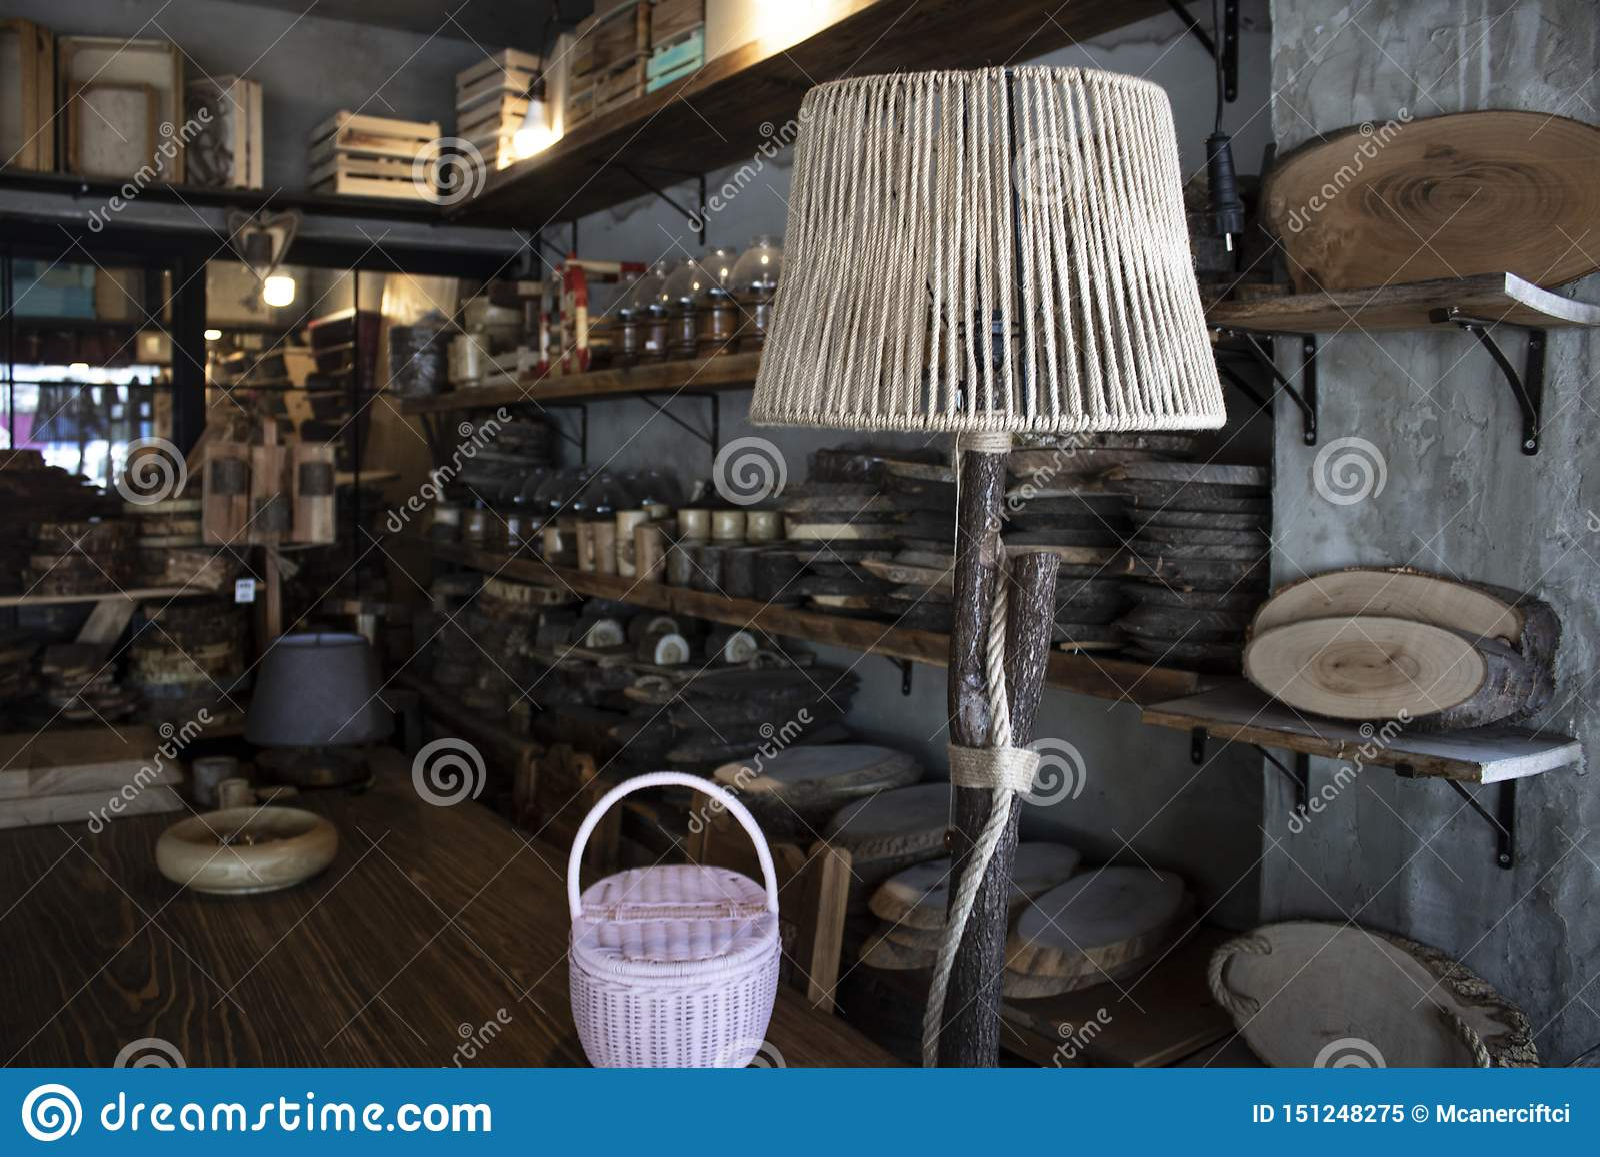 木家庭装饰产品 木材加工产品 夜光由木头制成 商店通过被拉扯了